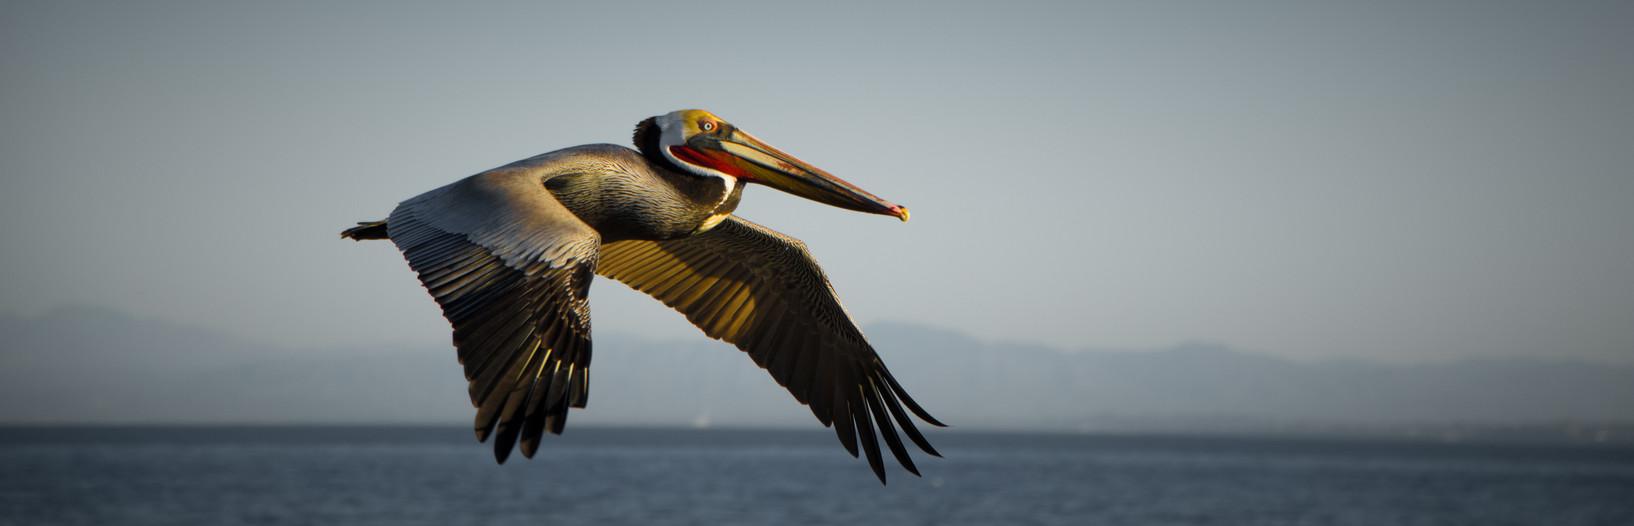 Wildlife_Pelican